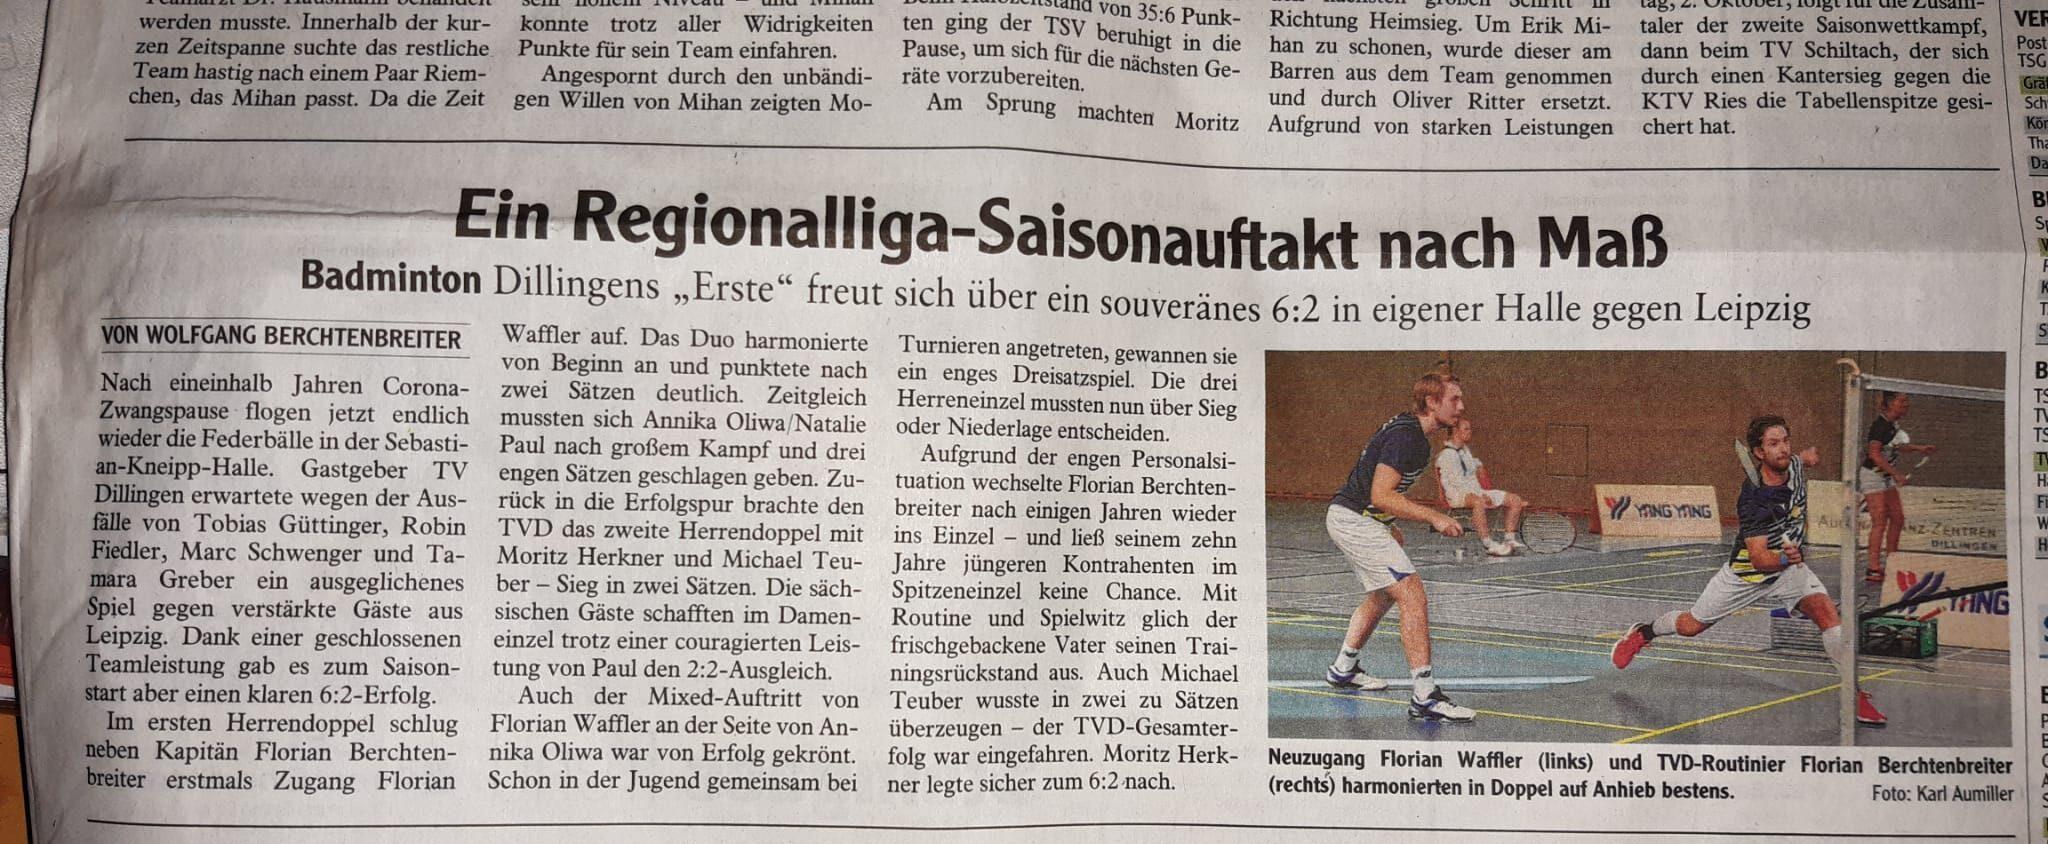 Zeitungsbericht 1. Mannschaft TV Dillingen